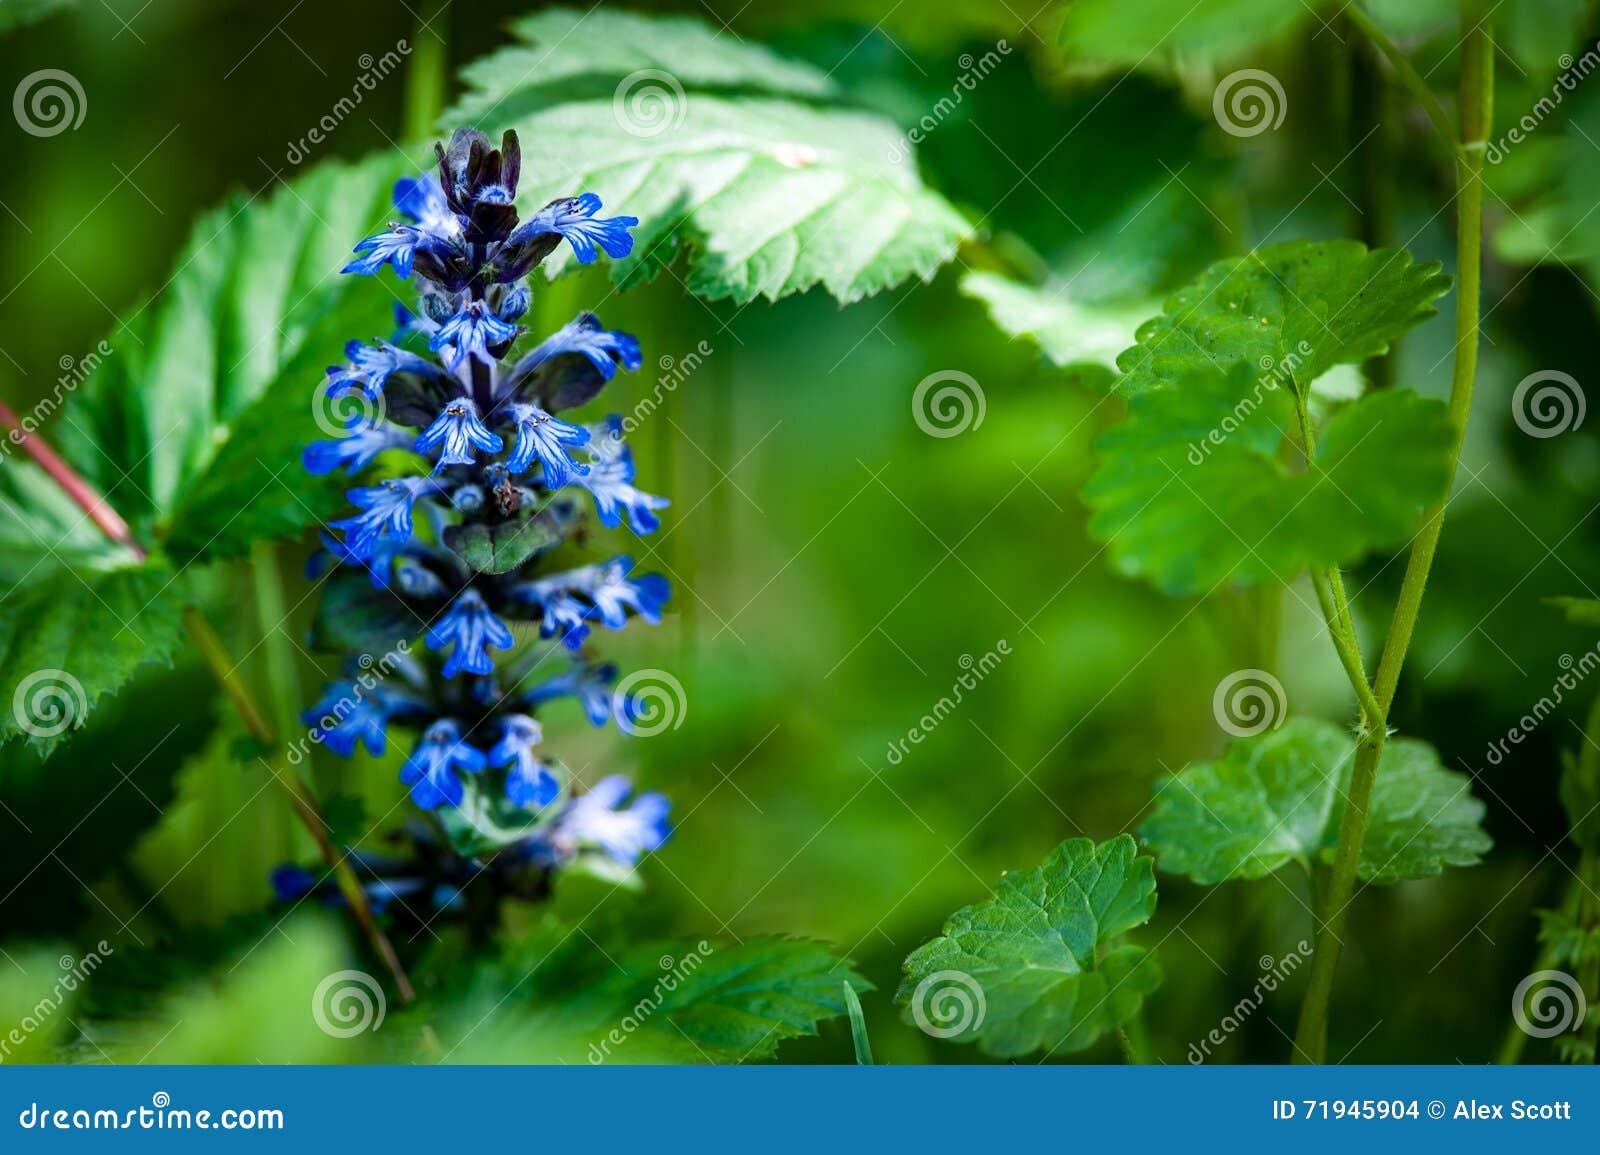 Стеклярус в цветке